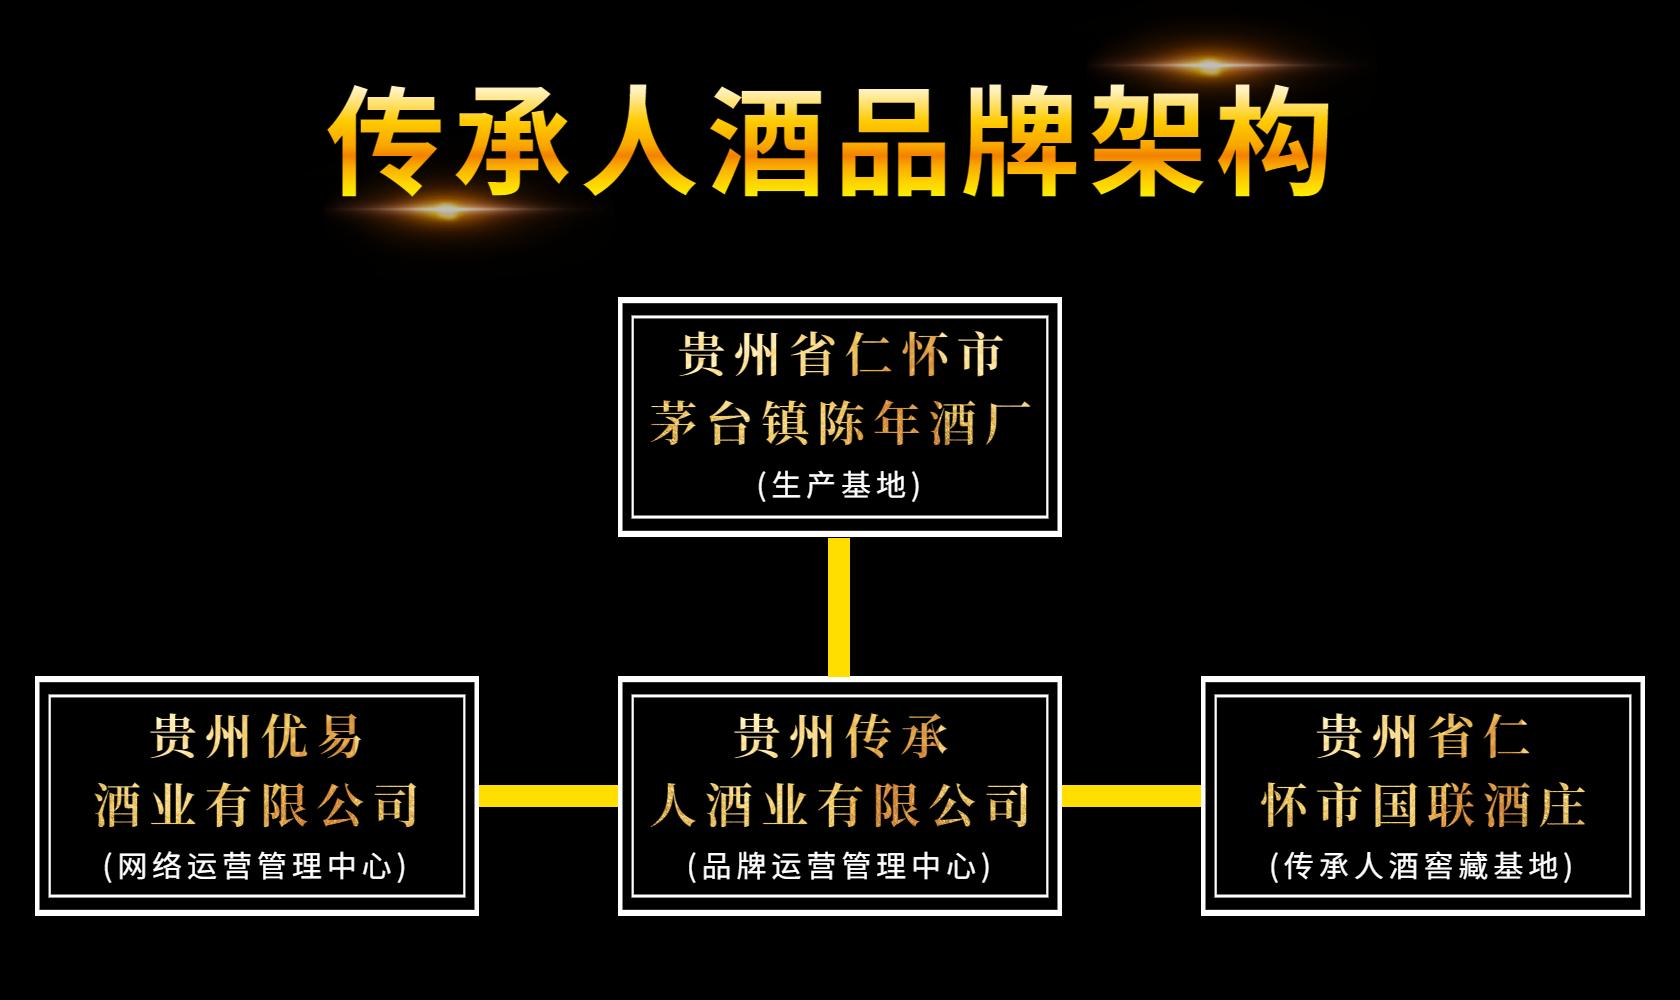 贵州传承人酒品牌架构